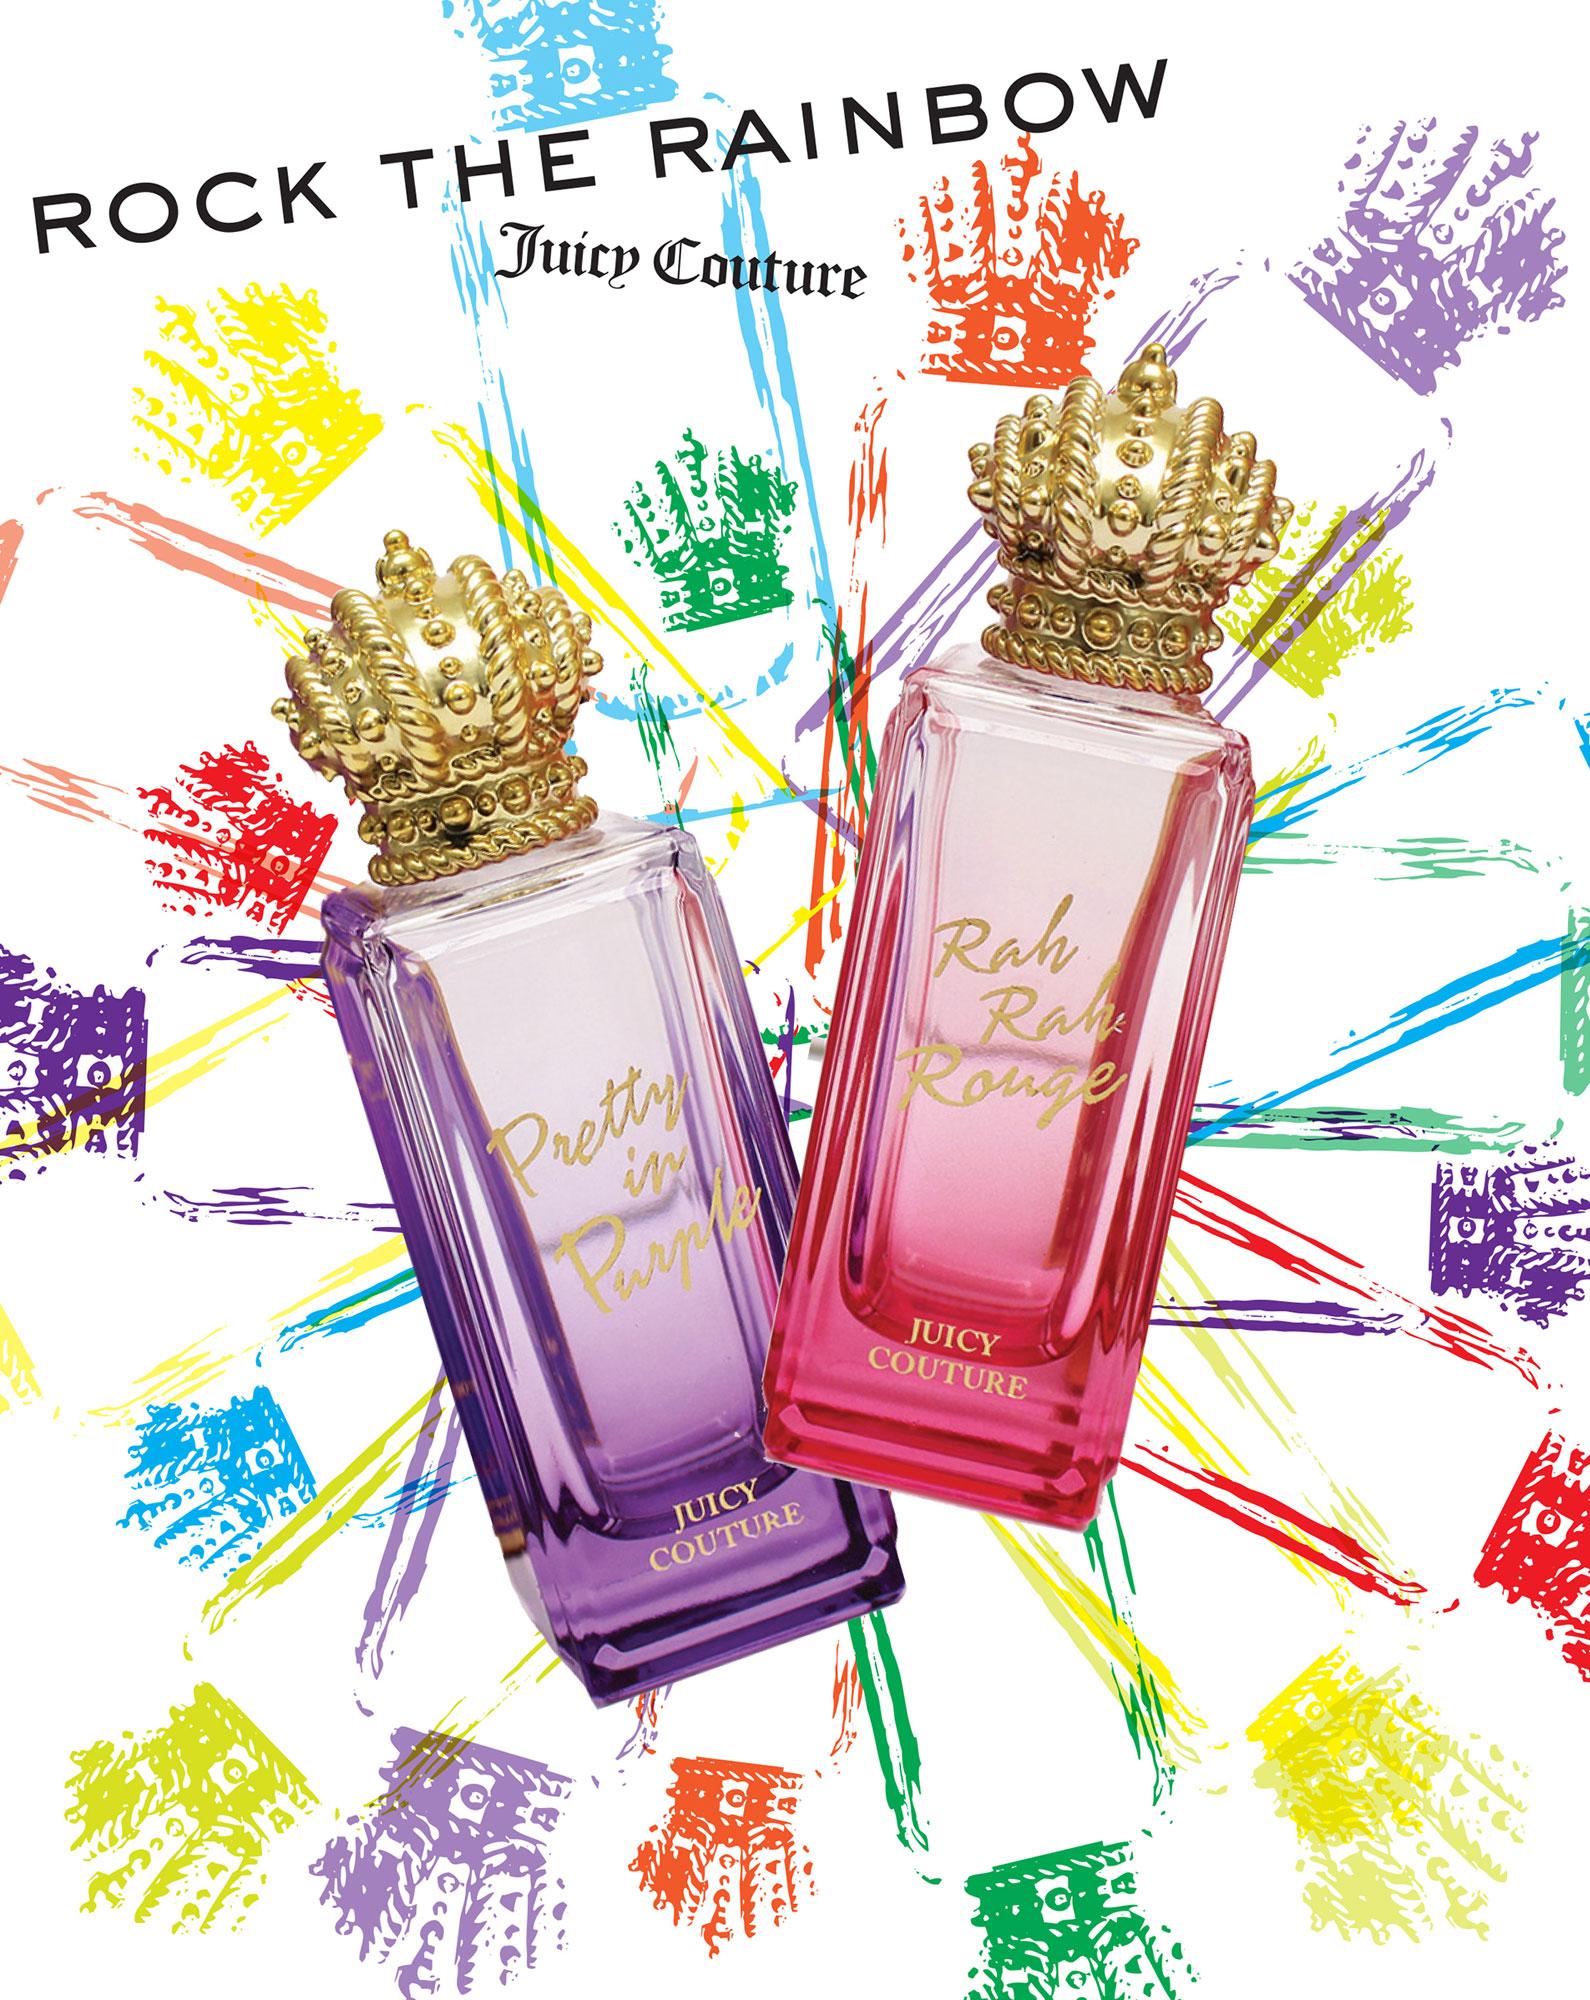 Juicy Couture Rah Rah Rouge